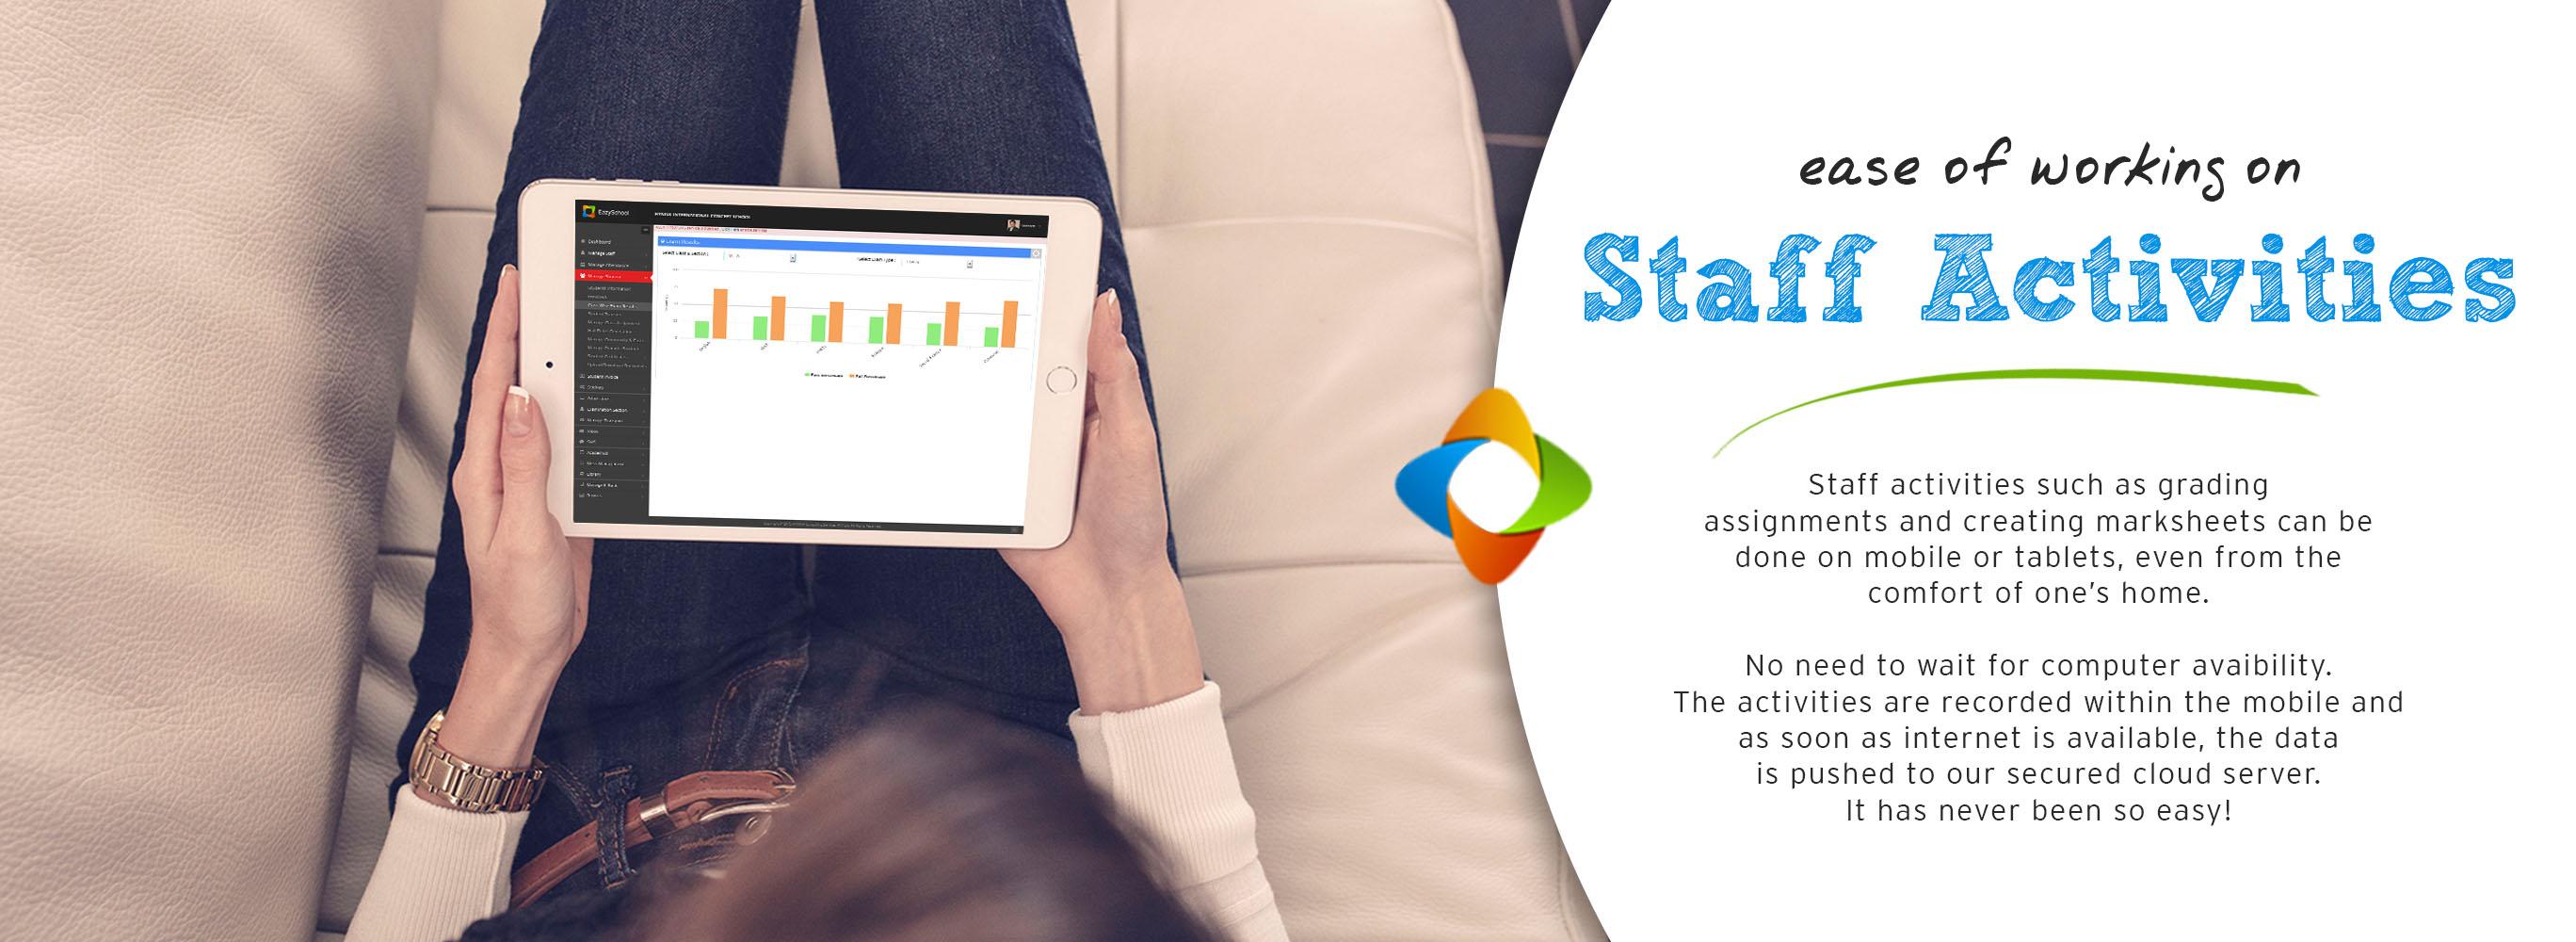 StaffActivities_Banner